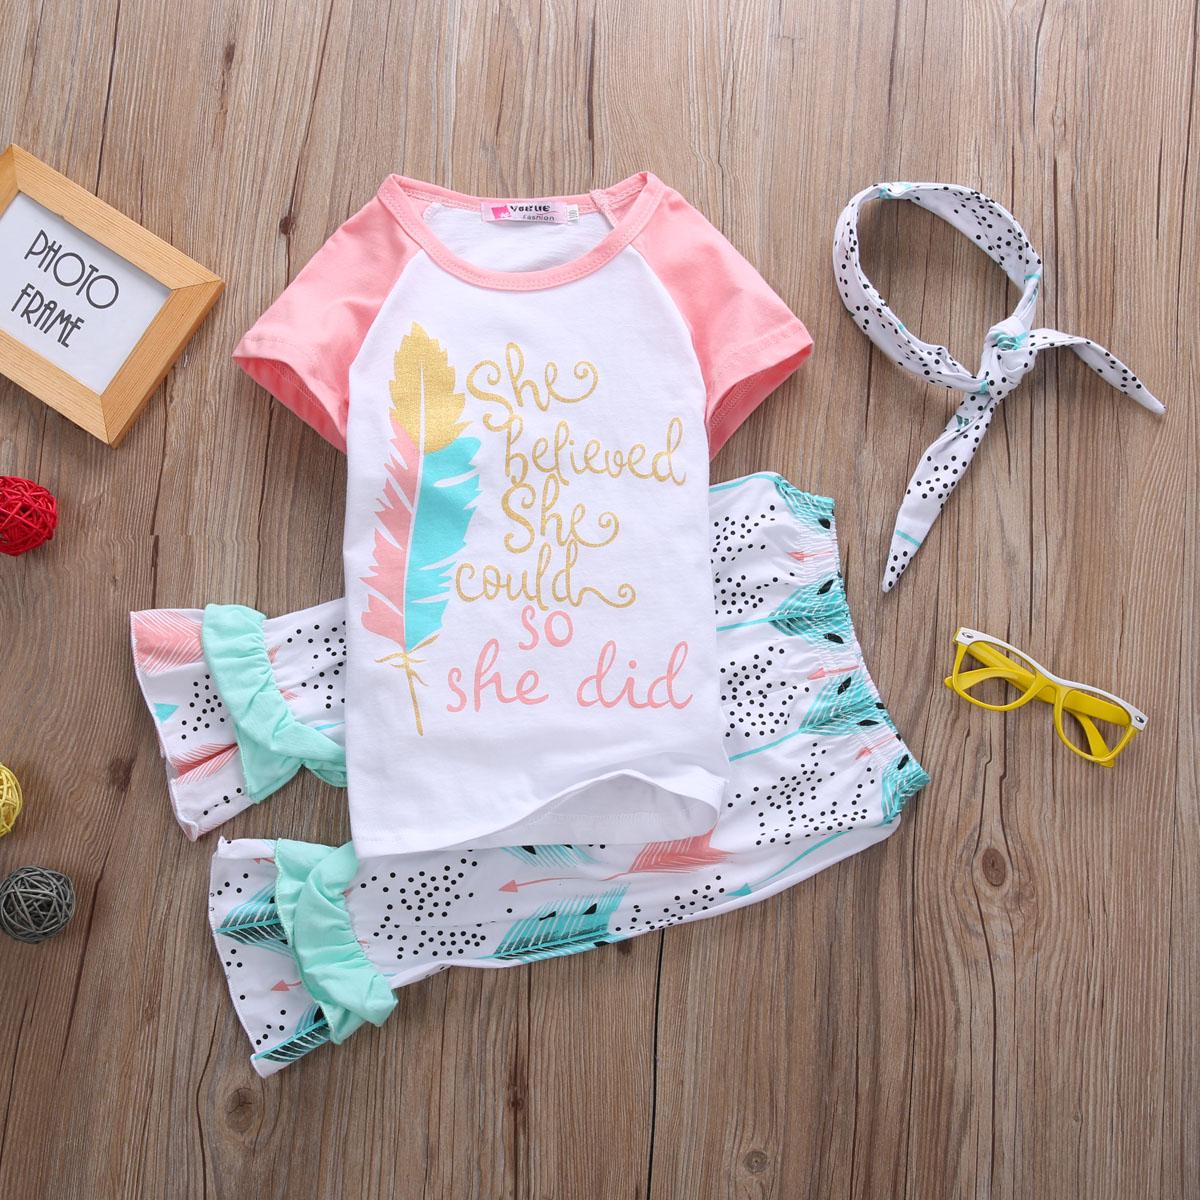 Летние наряды одежду комплекс CANIS Розовый цвет 90 фото